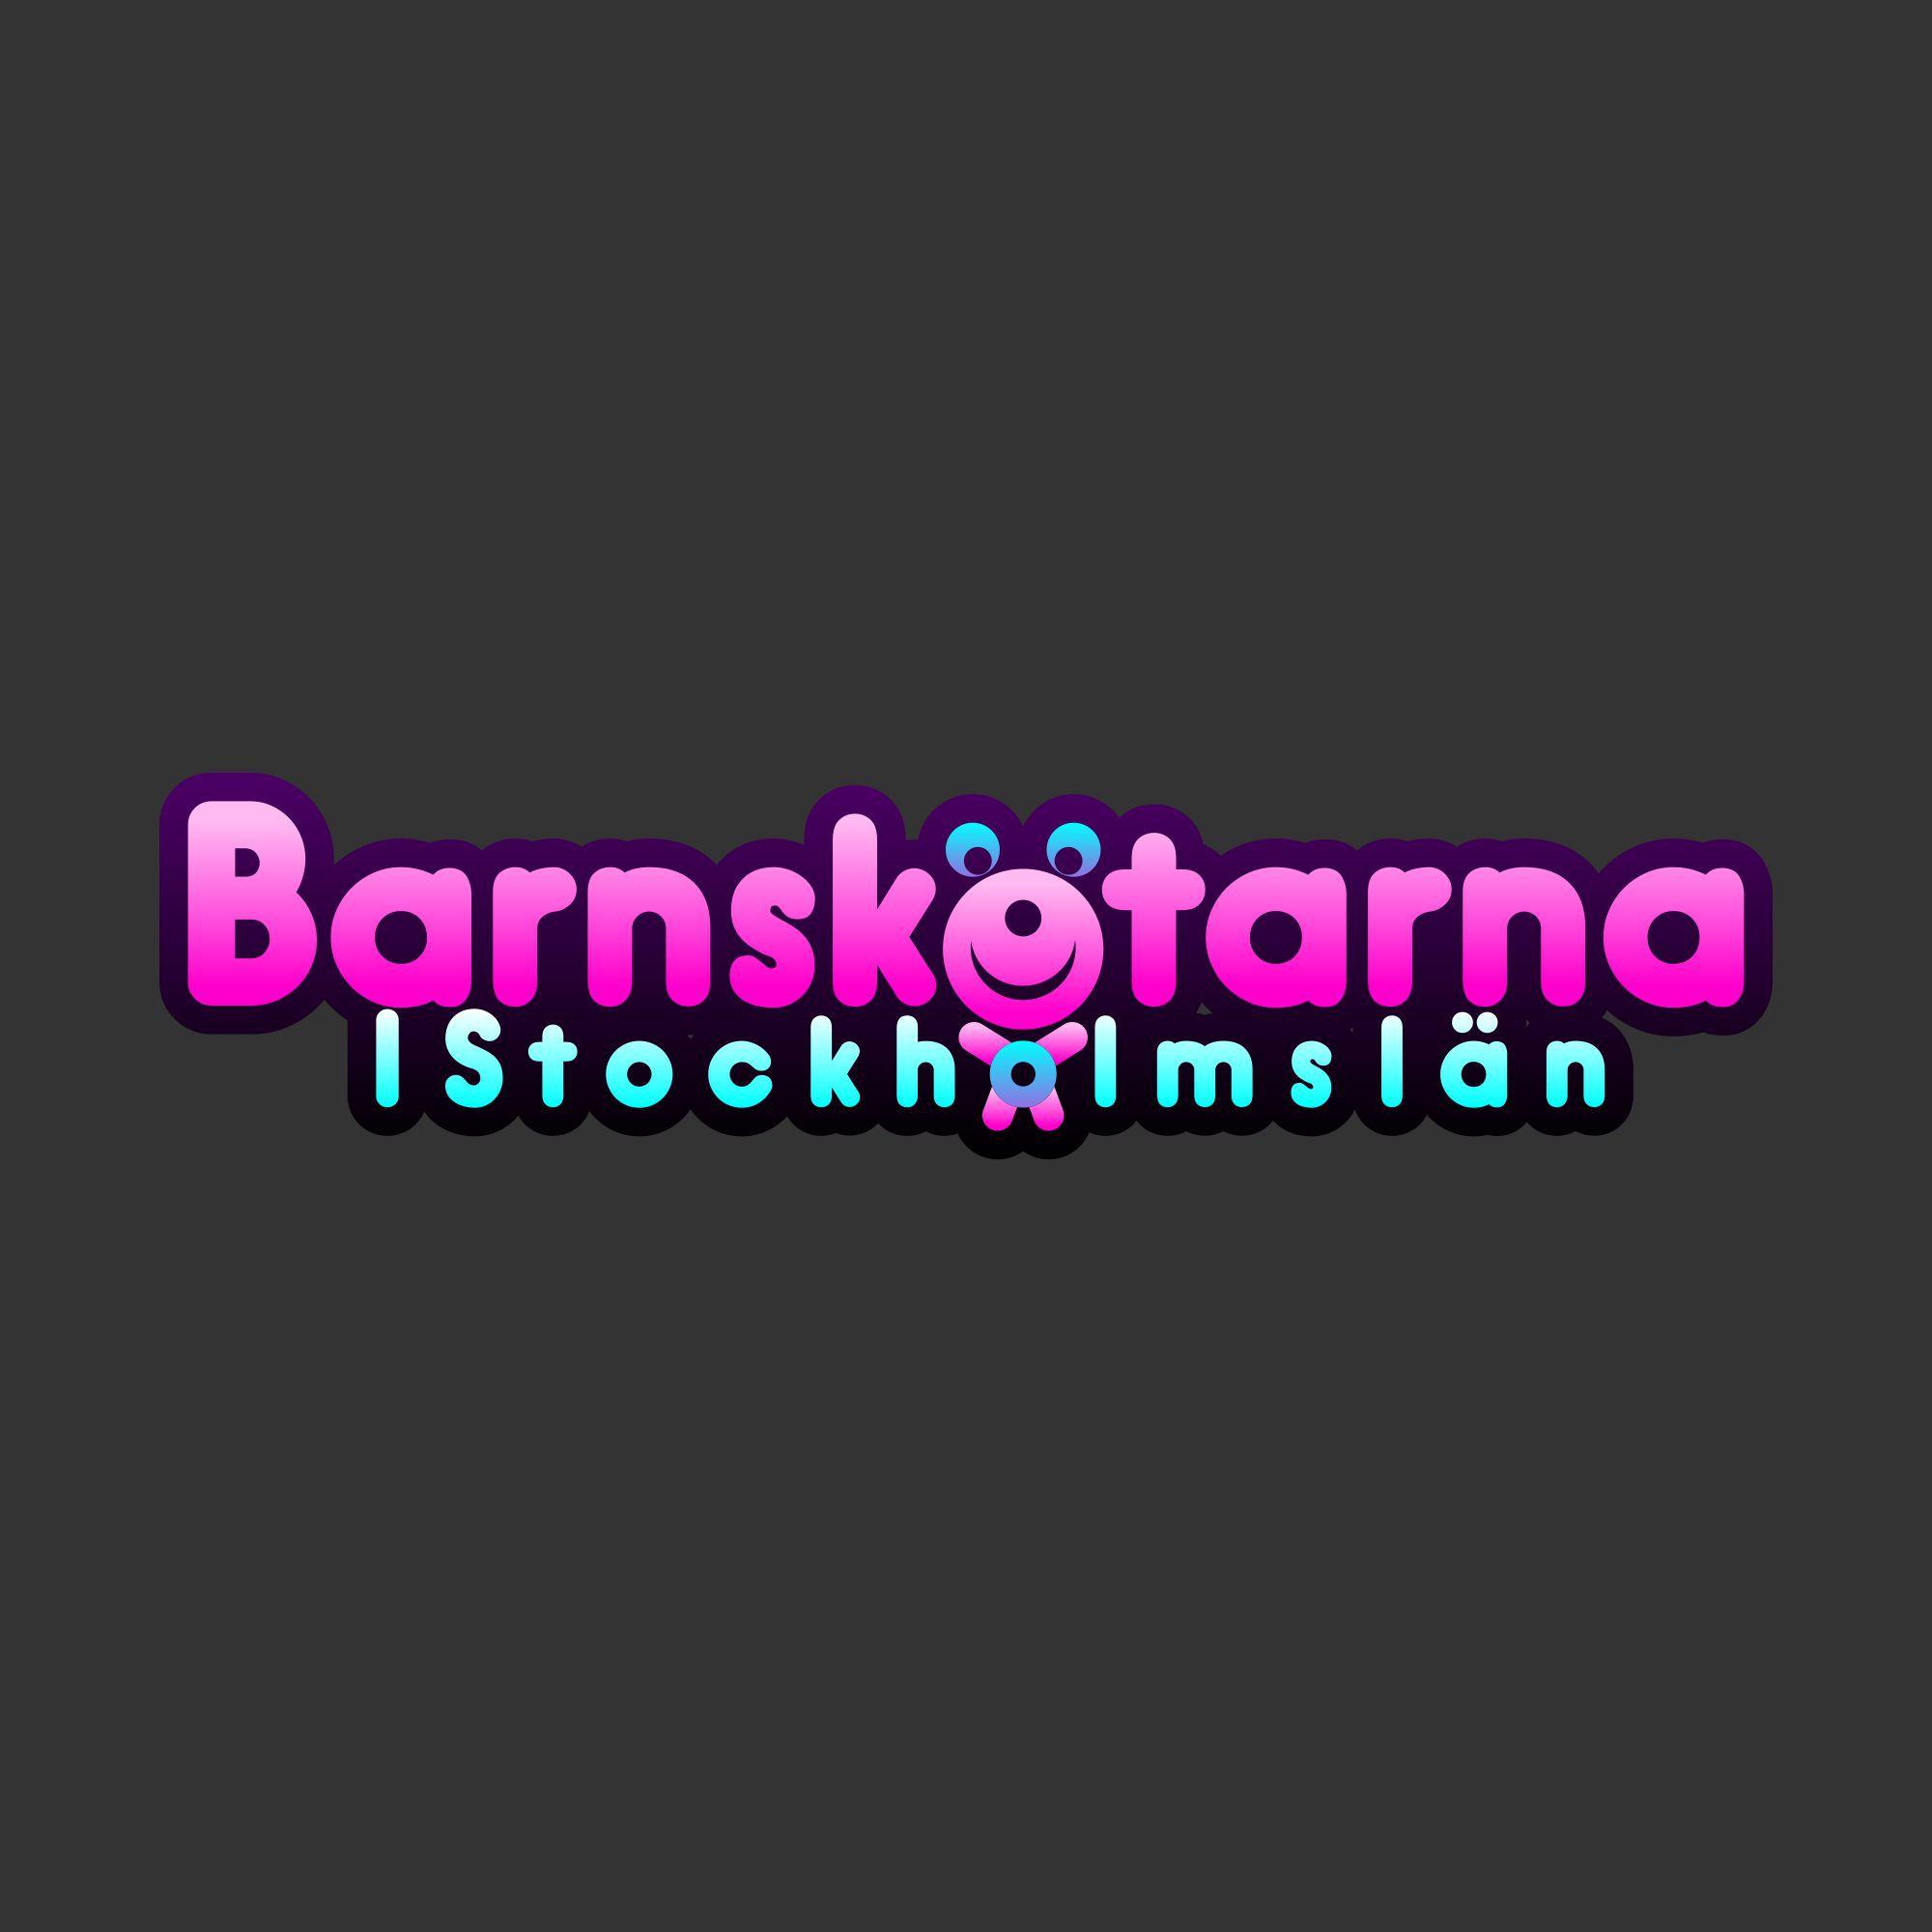 Barnskötarna i Stockholms län needs a new logo